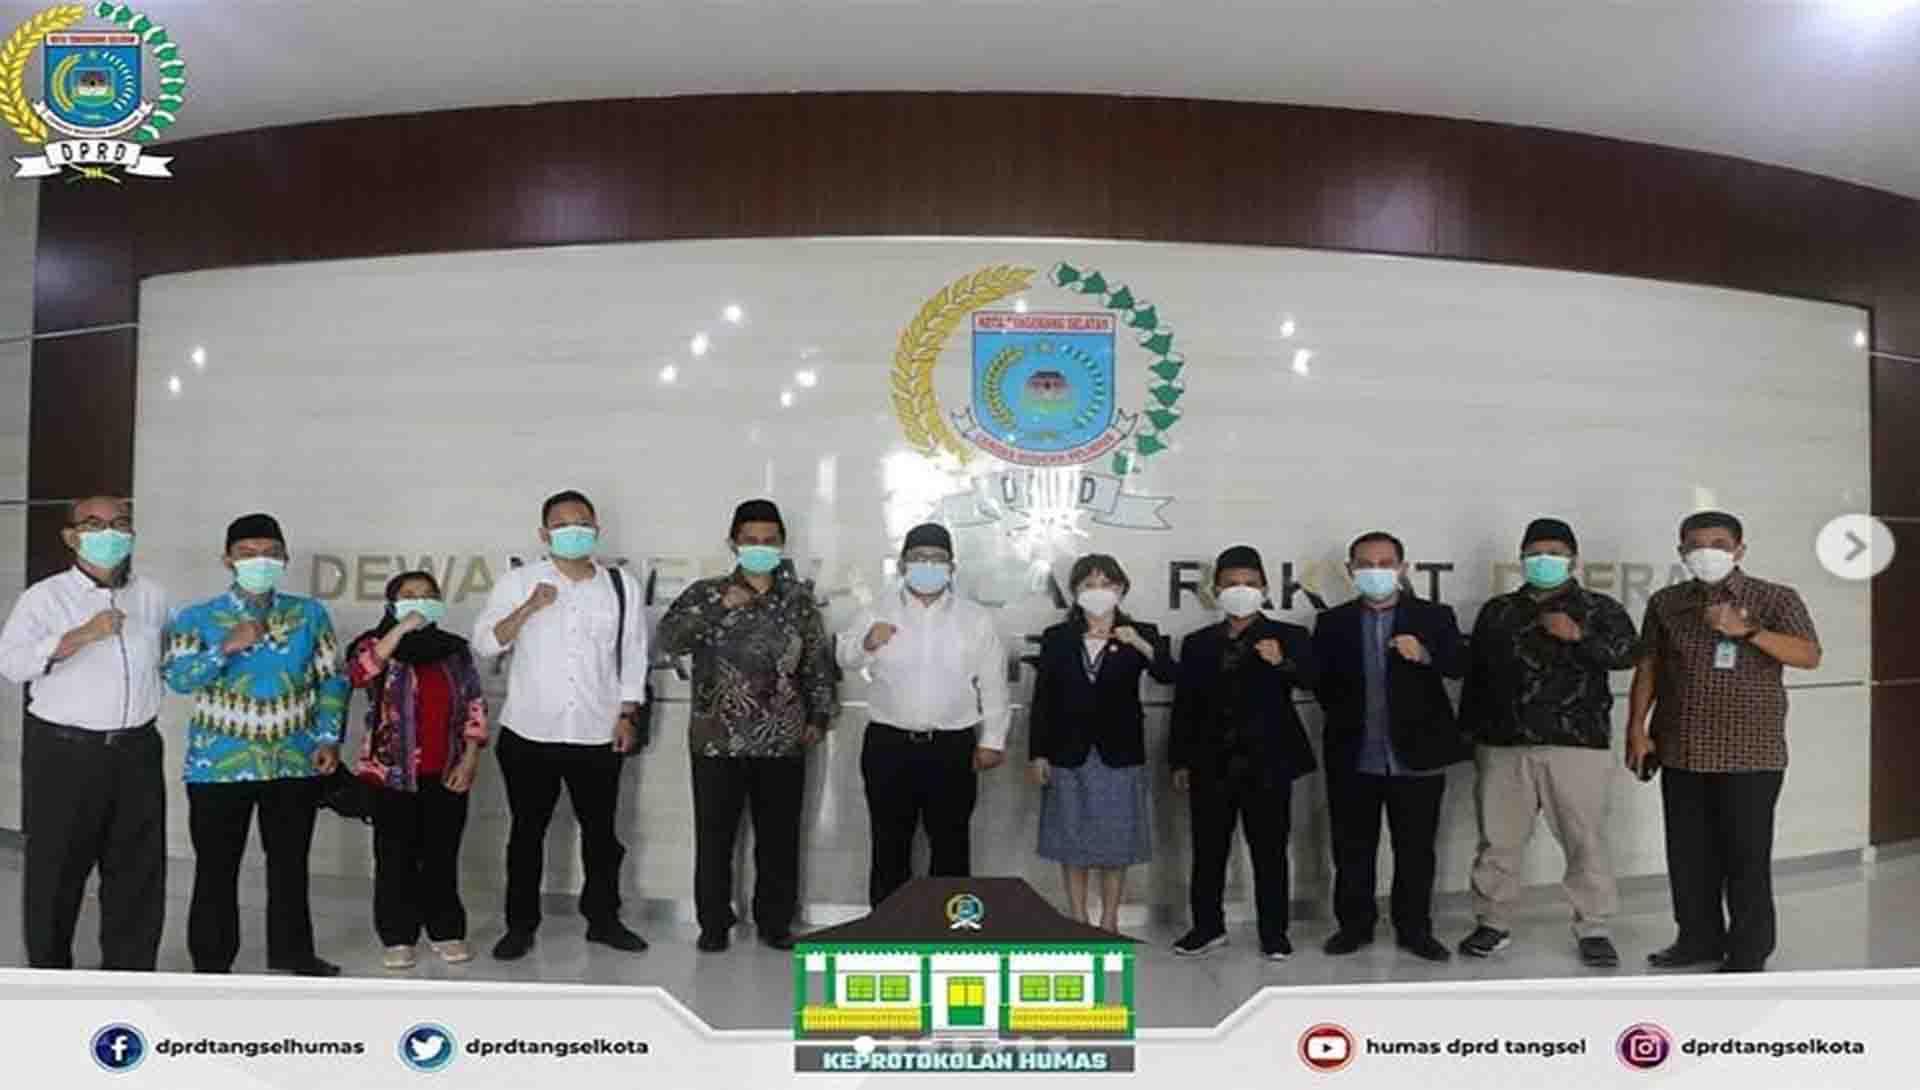 Penerimaan Audiensi dari KPU Kota Tangerang Selatan